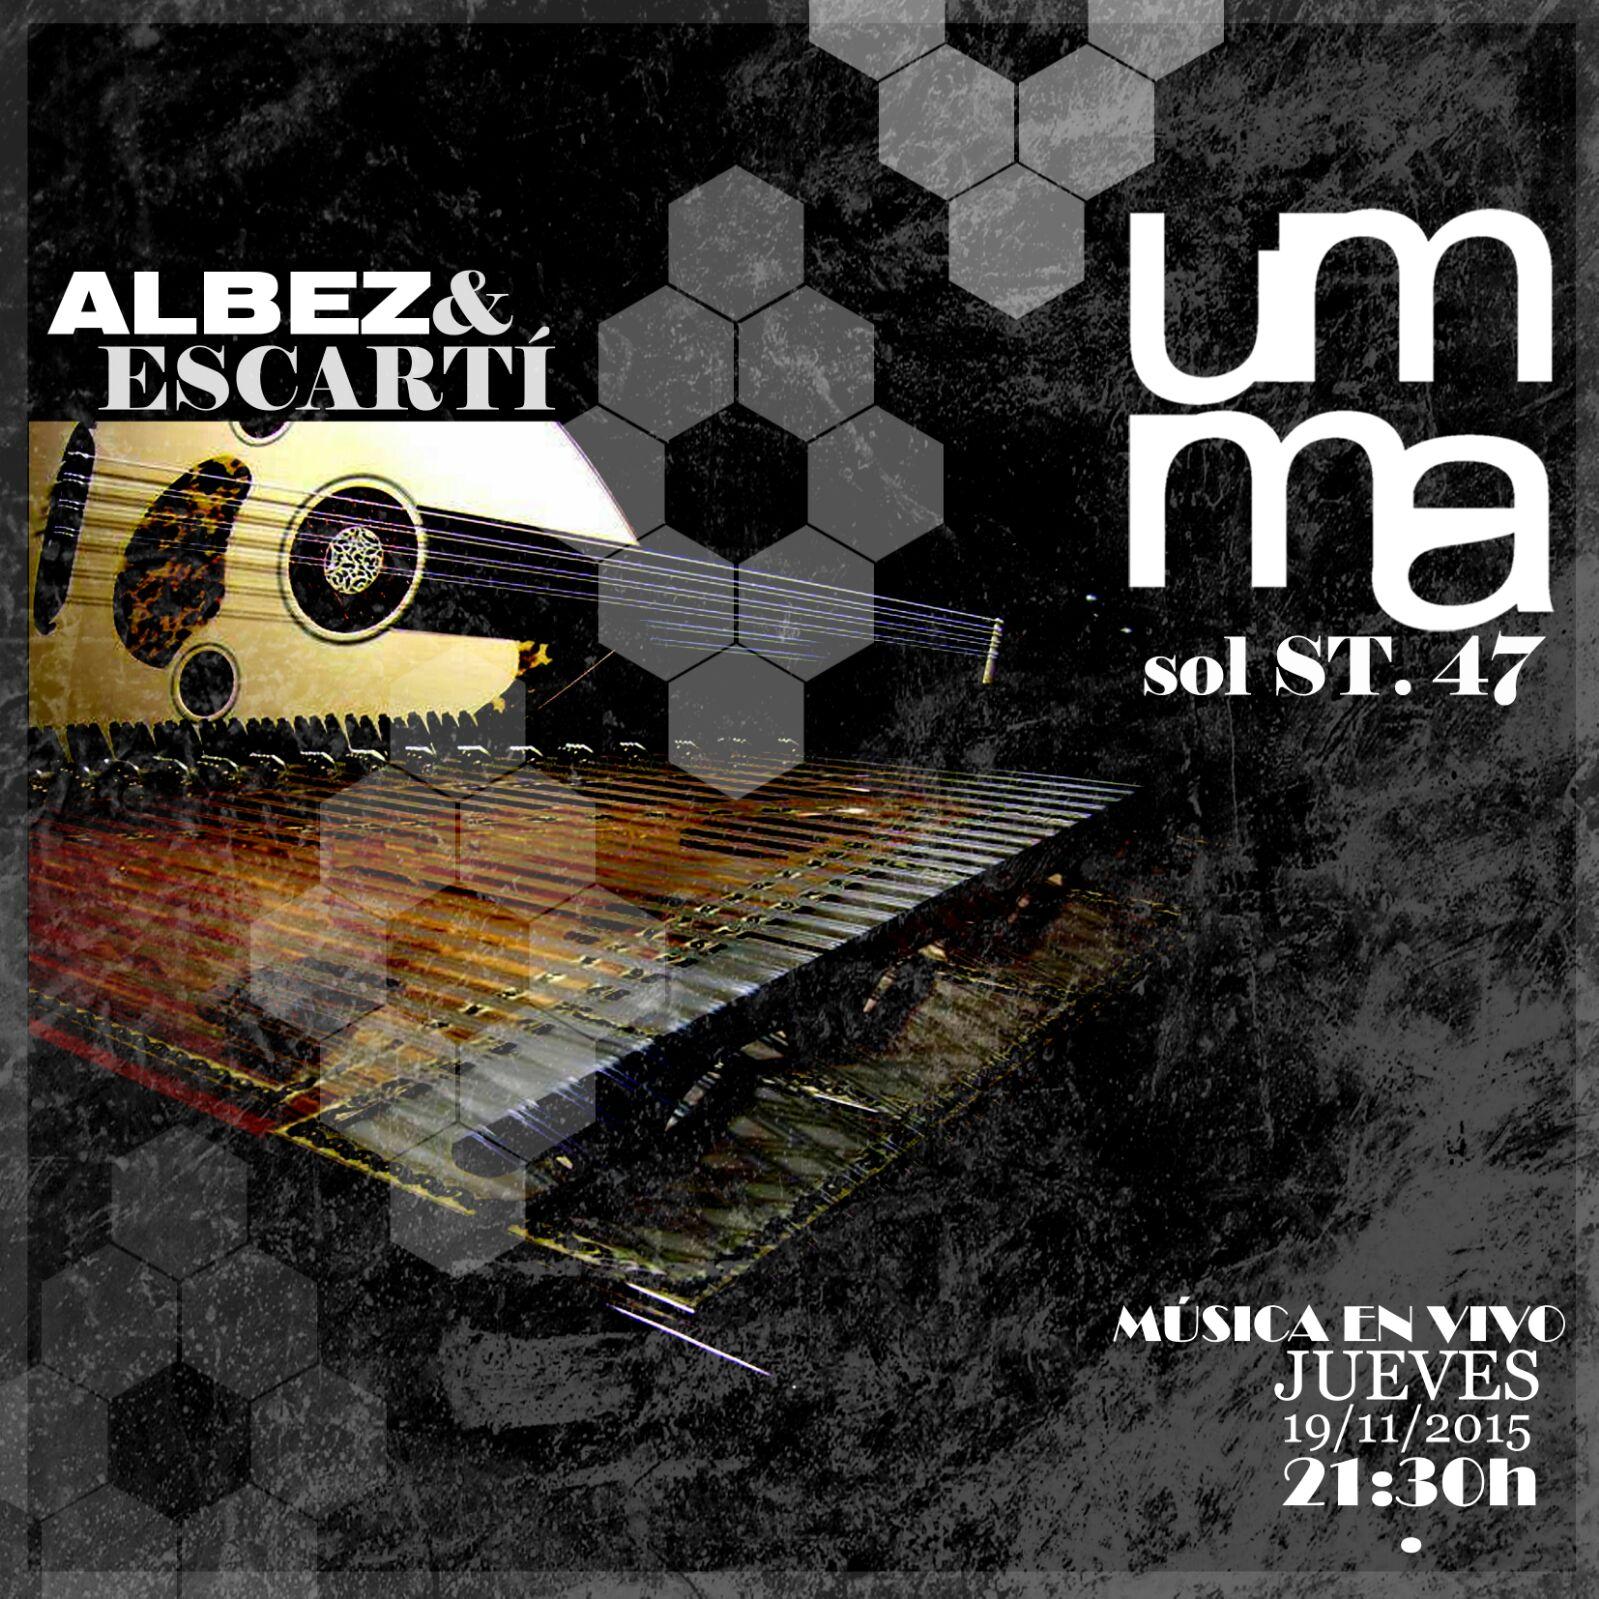 Albez & Escartí en el restaurante UMMA.